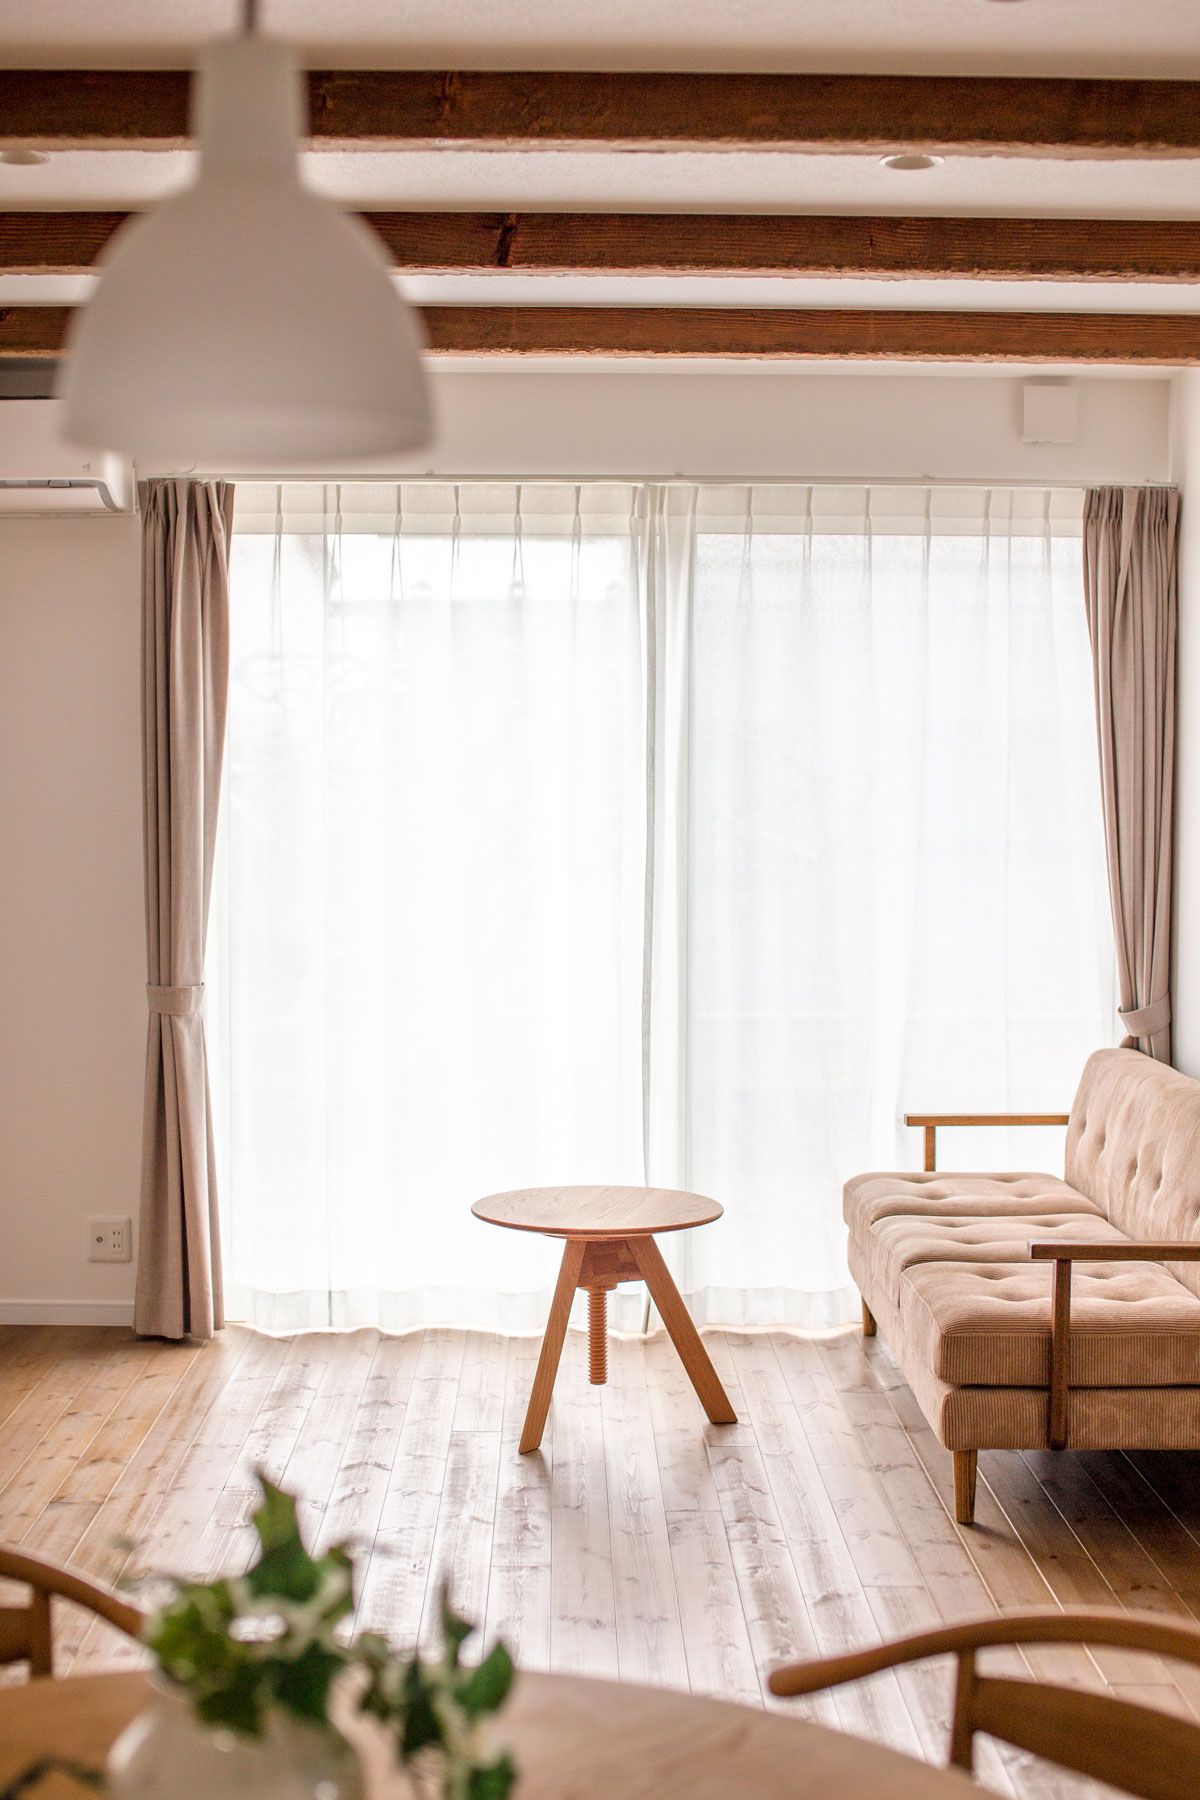 リビング。親世帯&子世帯が楽しく暮らす二世帯住宅。共有スペースを多く設け経済的メリットを生みながらセカンドリビングなどプライベートも確保したナチュラルな雰囲気のお家です。(鶴岡市美原町)【酒田鶴岡で新築、デザイン住宅、リノベーションの工務店 ナチュラル工房伊藤住宅】